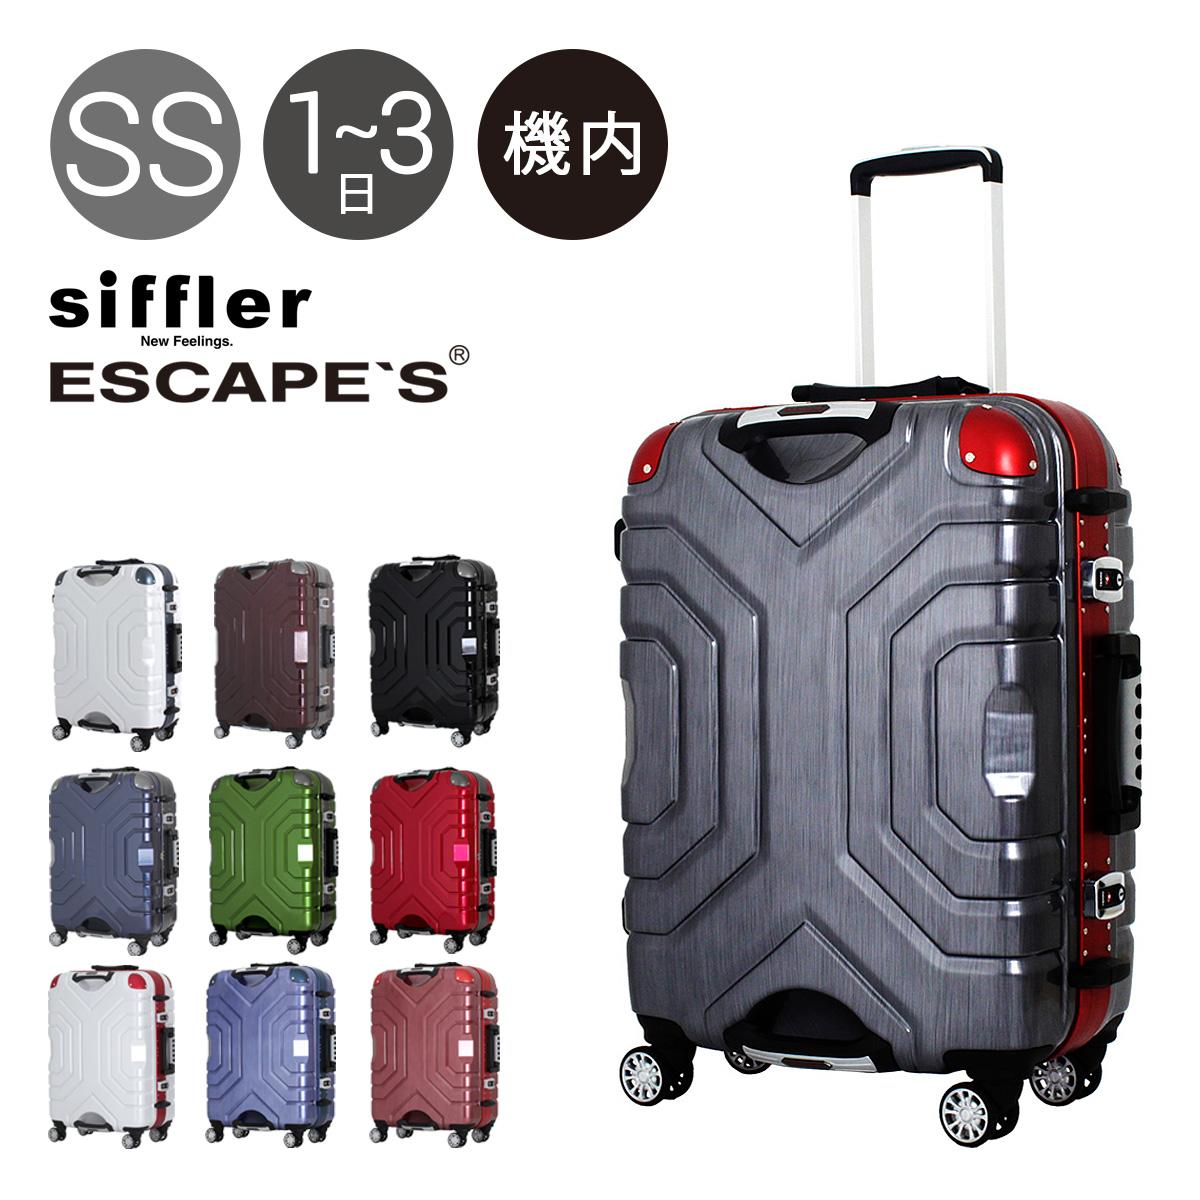 シフレ スーツケース ESCAPE`S グリップマスター B5225T-44 44cm 【 エスケープ 】【 キャリーケース キャリーカート 】【 1年保証 TSAロック搭載 】[bef][PO10]